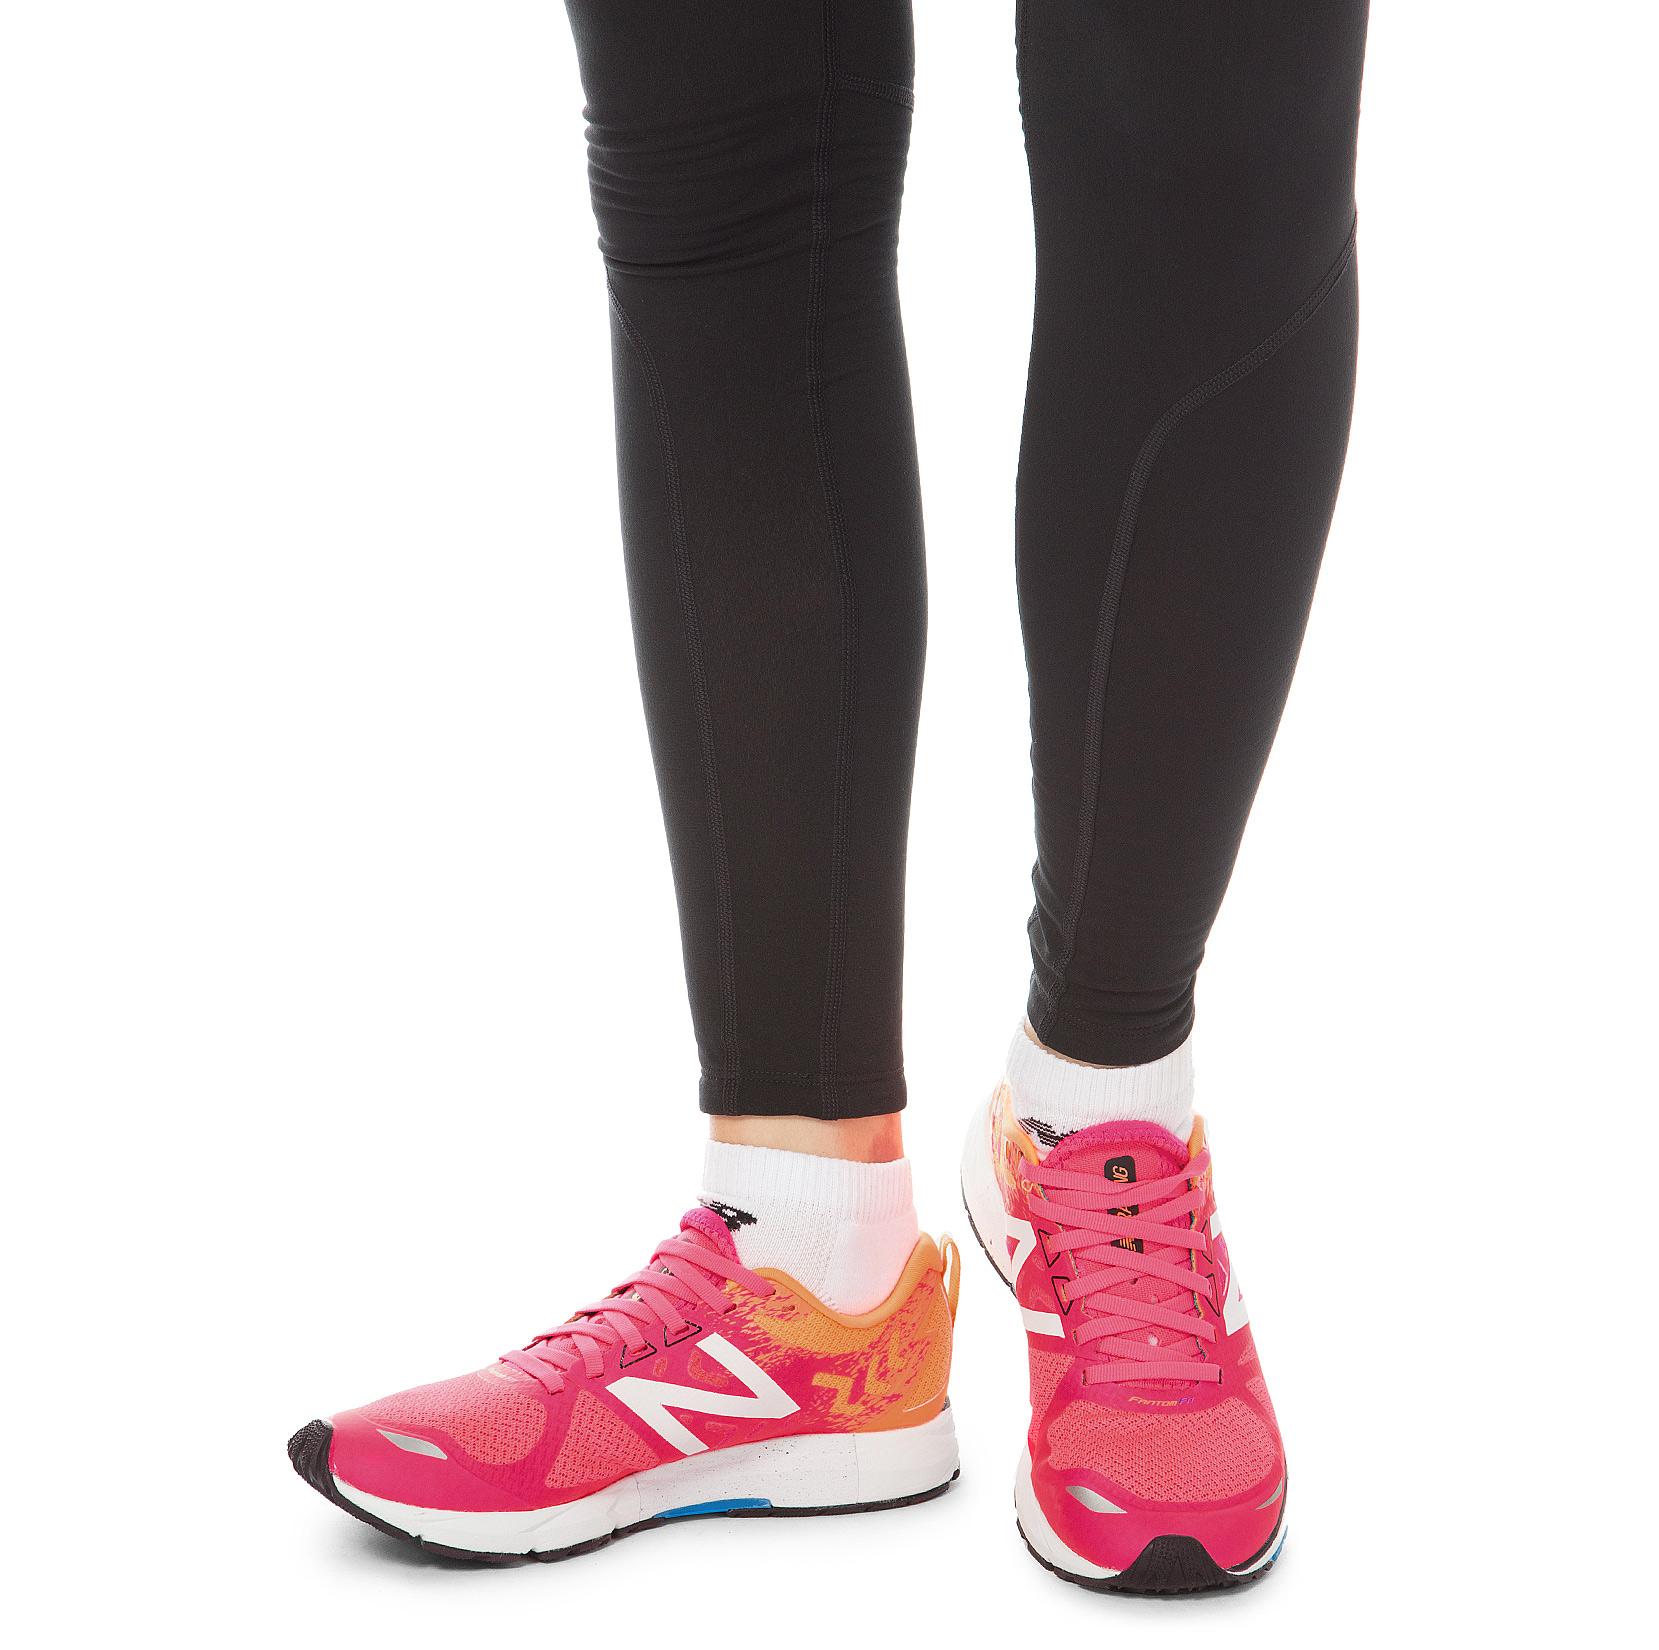 Жіноче взуття для бігу New Balance 1500 v3 W1500PO3 | New Balance